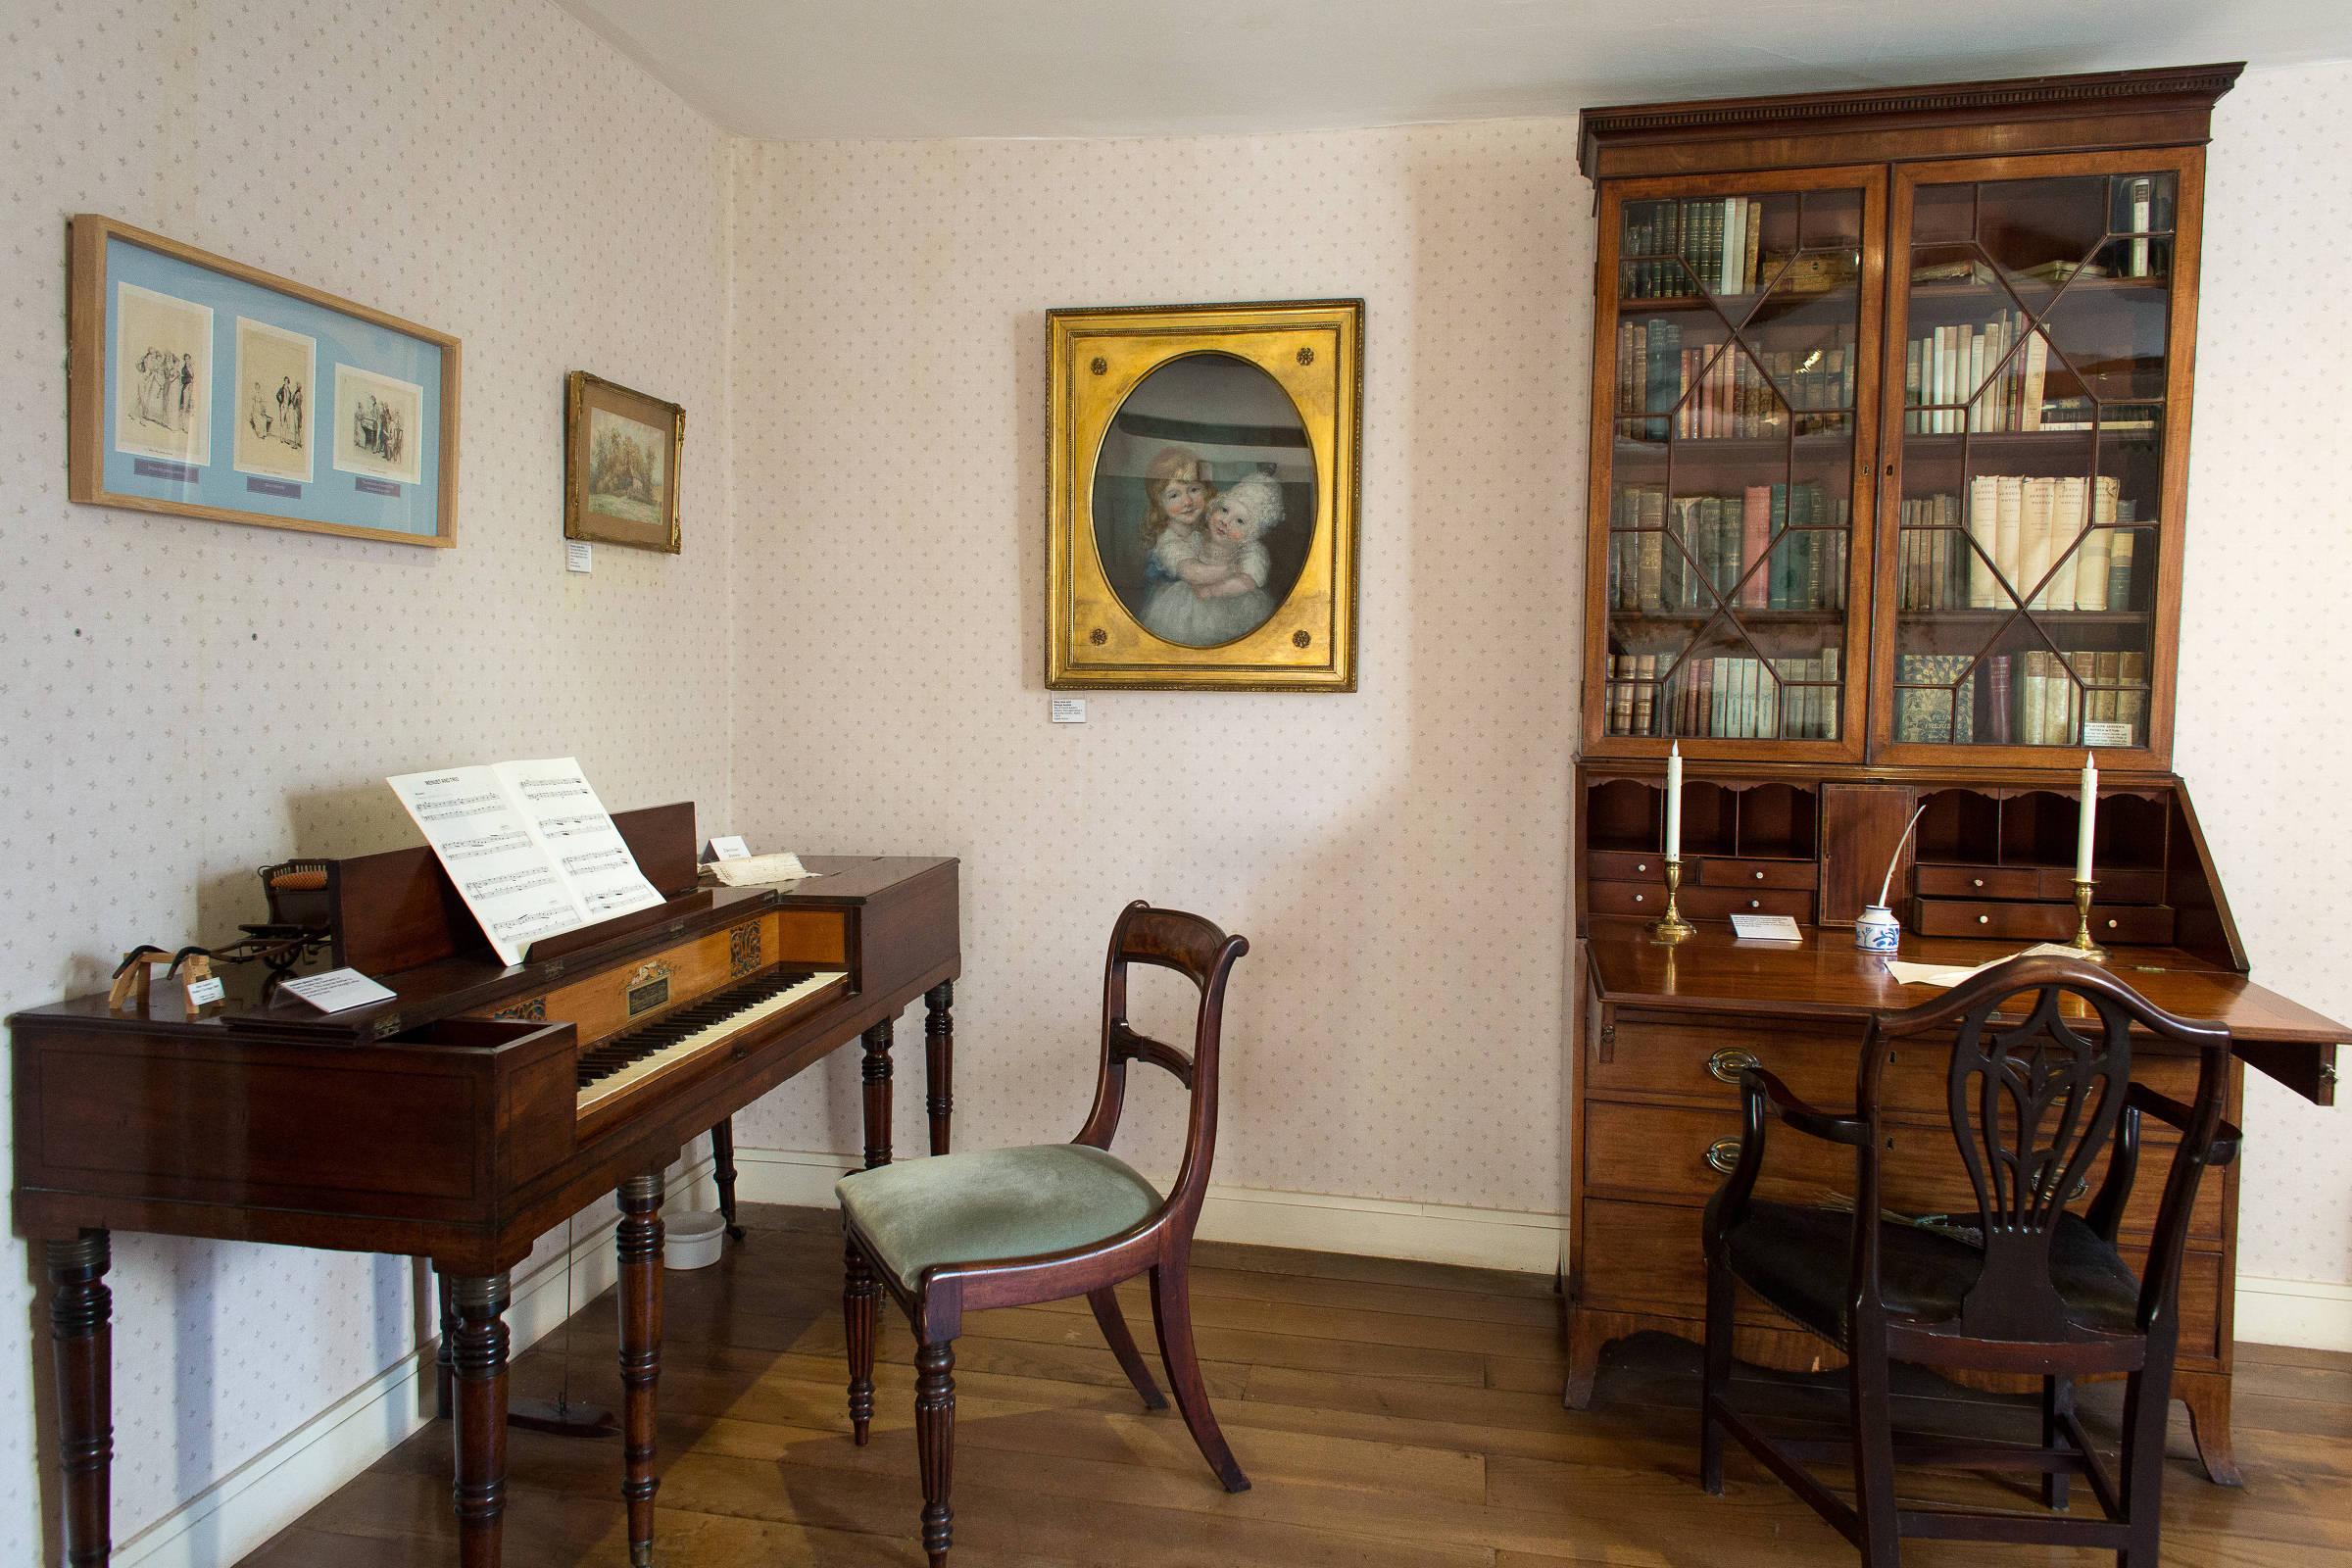 Coleção Folha traz história de Jane Austen em versão bilíngue